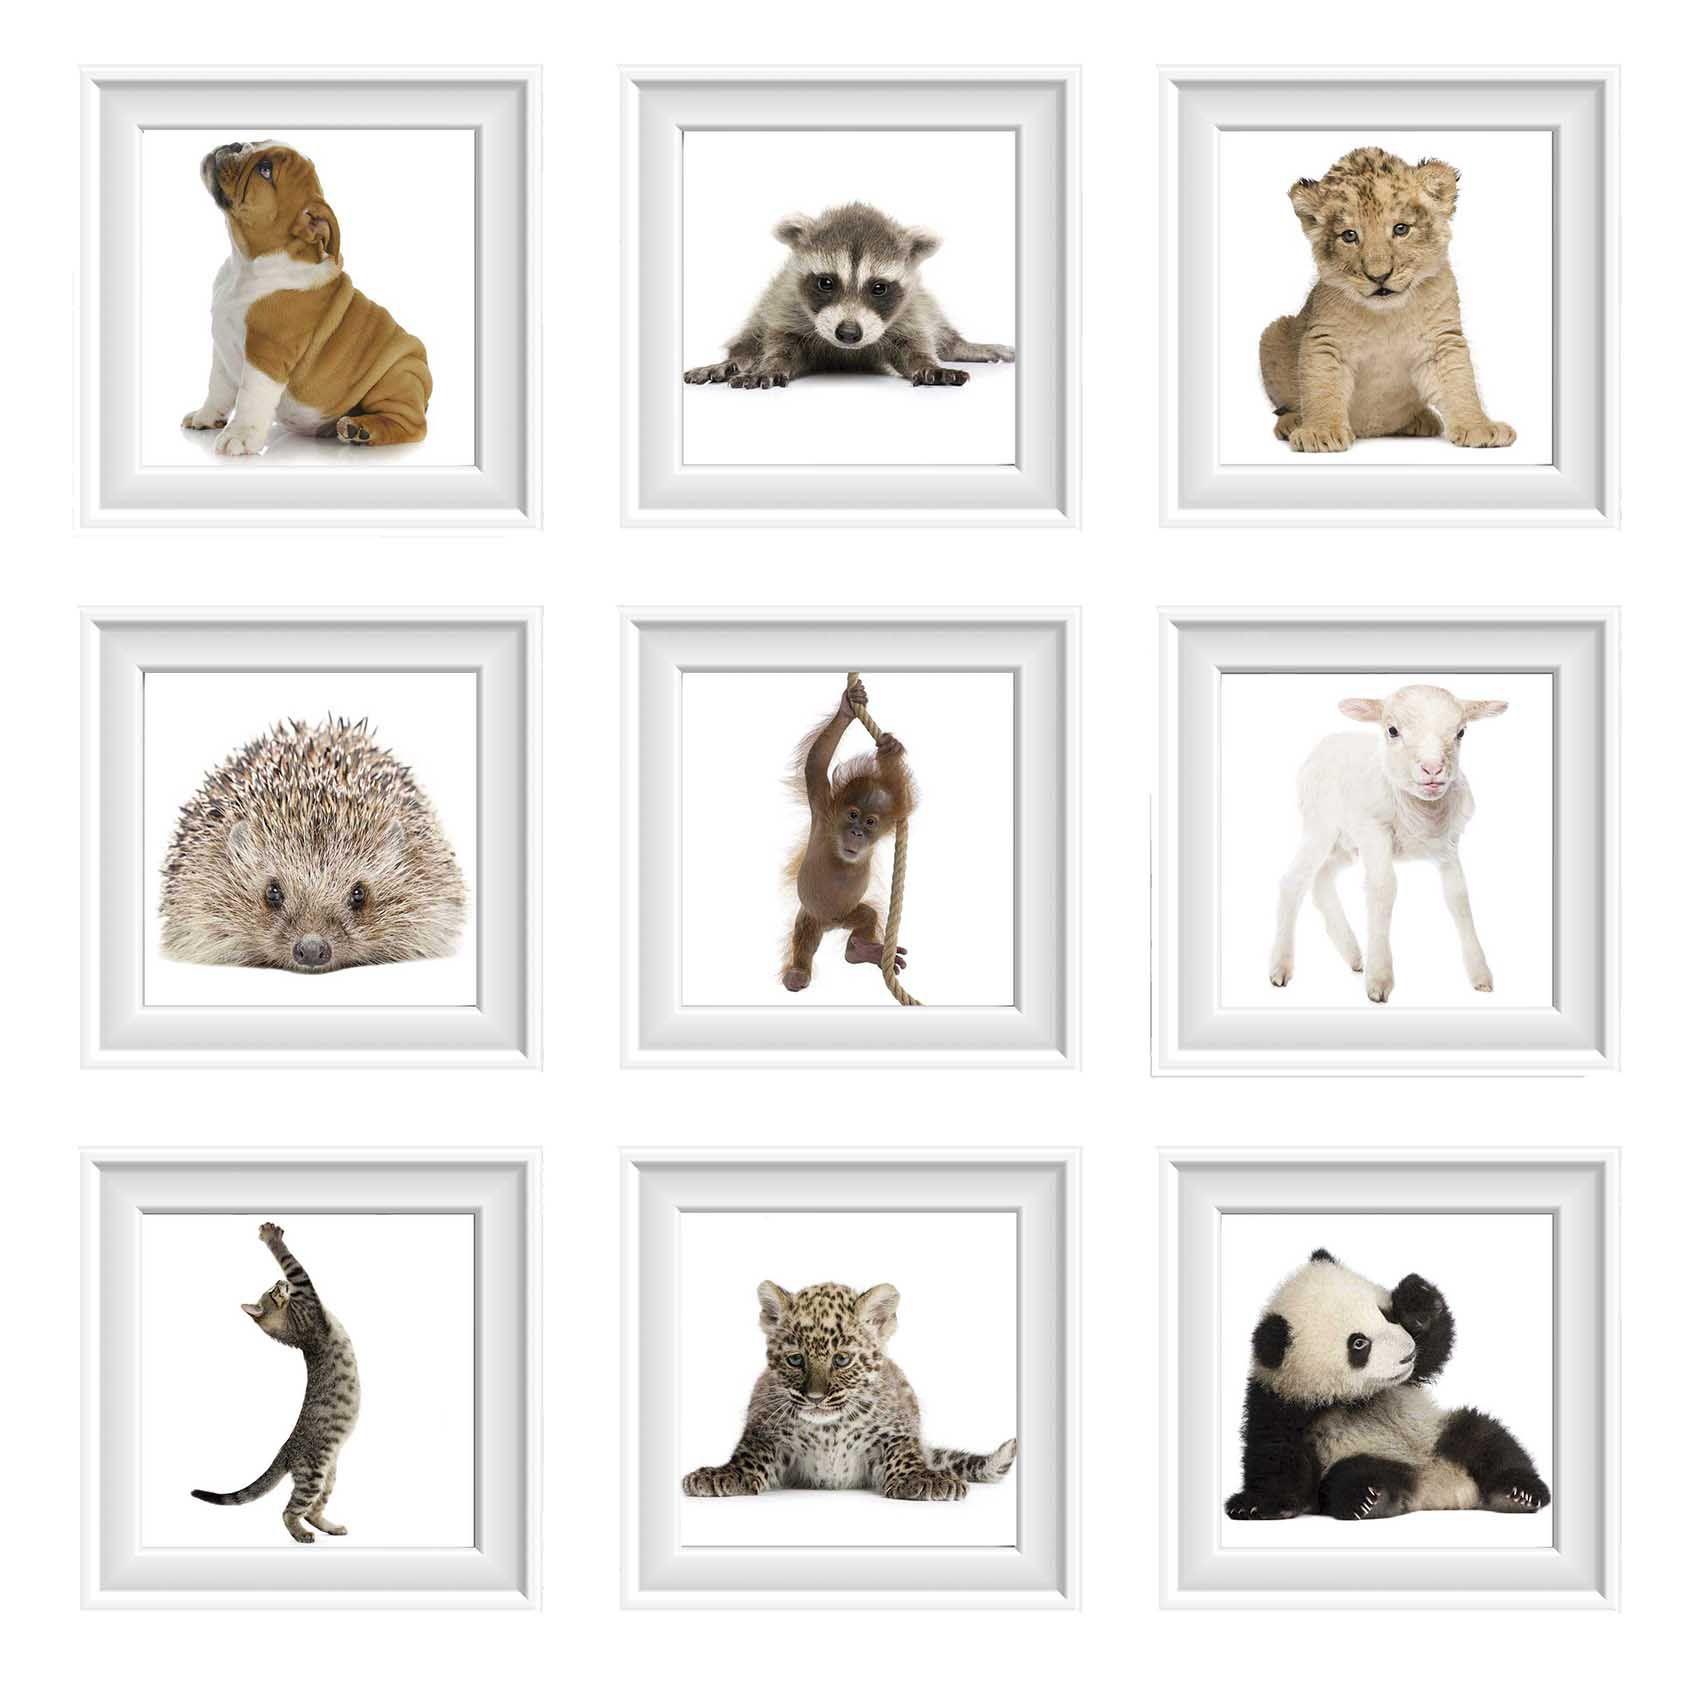 Pôster Conjunto Animais Filhotes 9 Unidades